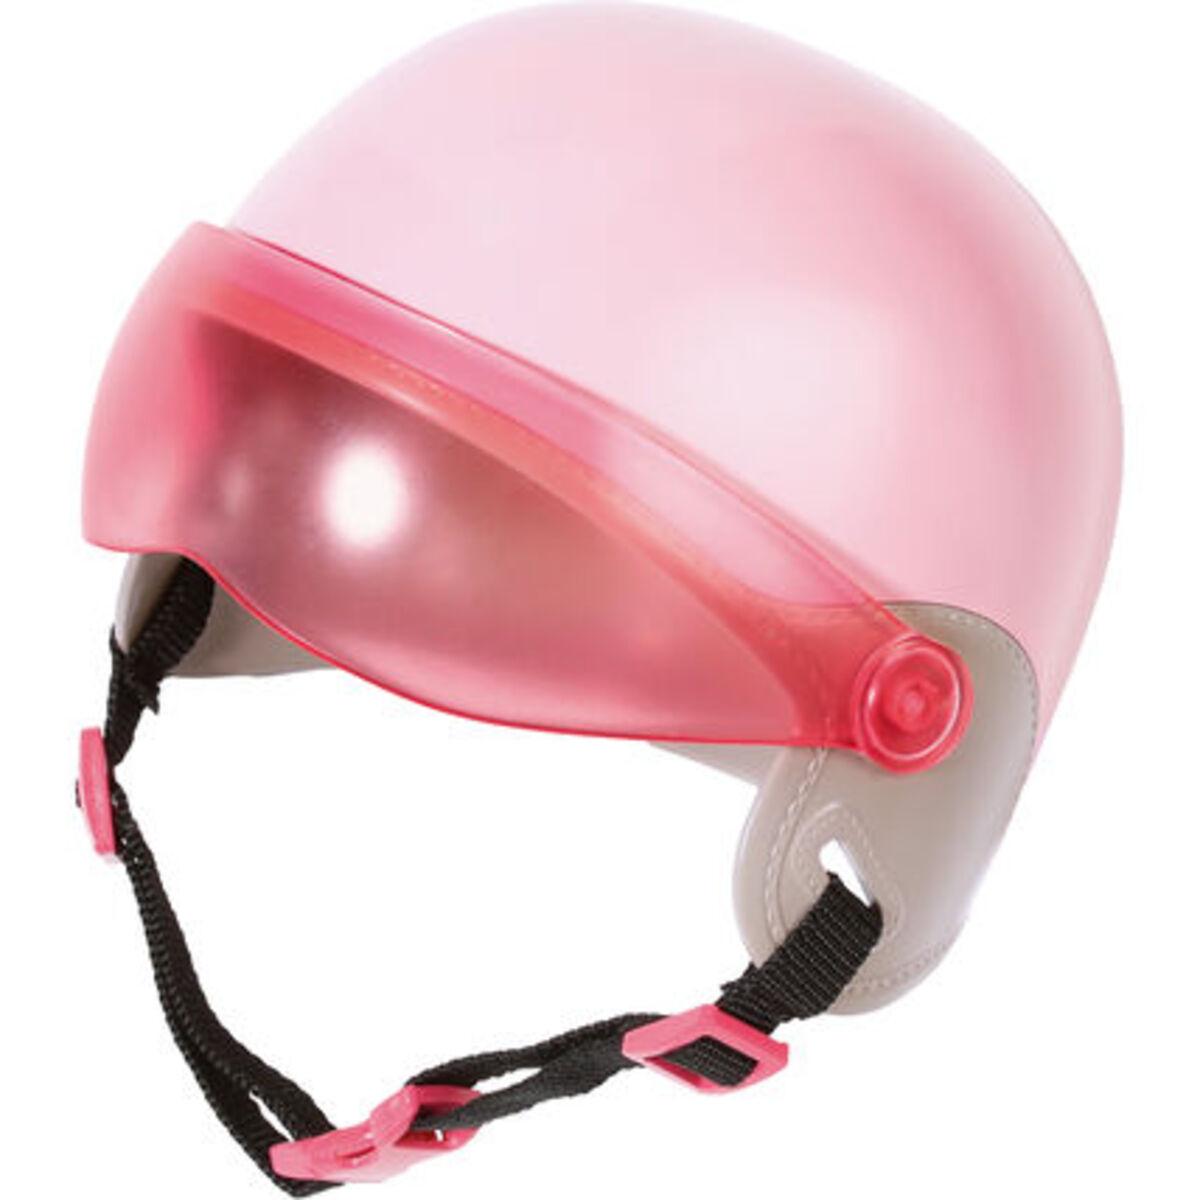 Bild 1 von Zapf Creation® City Scooter-Helm